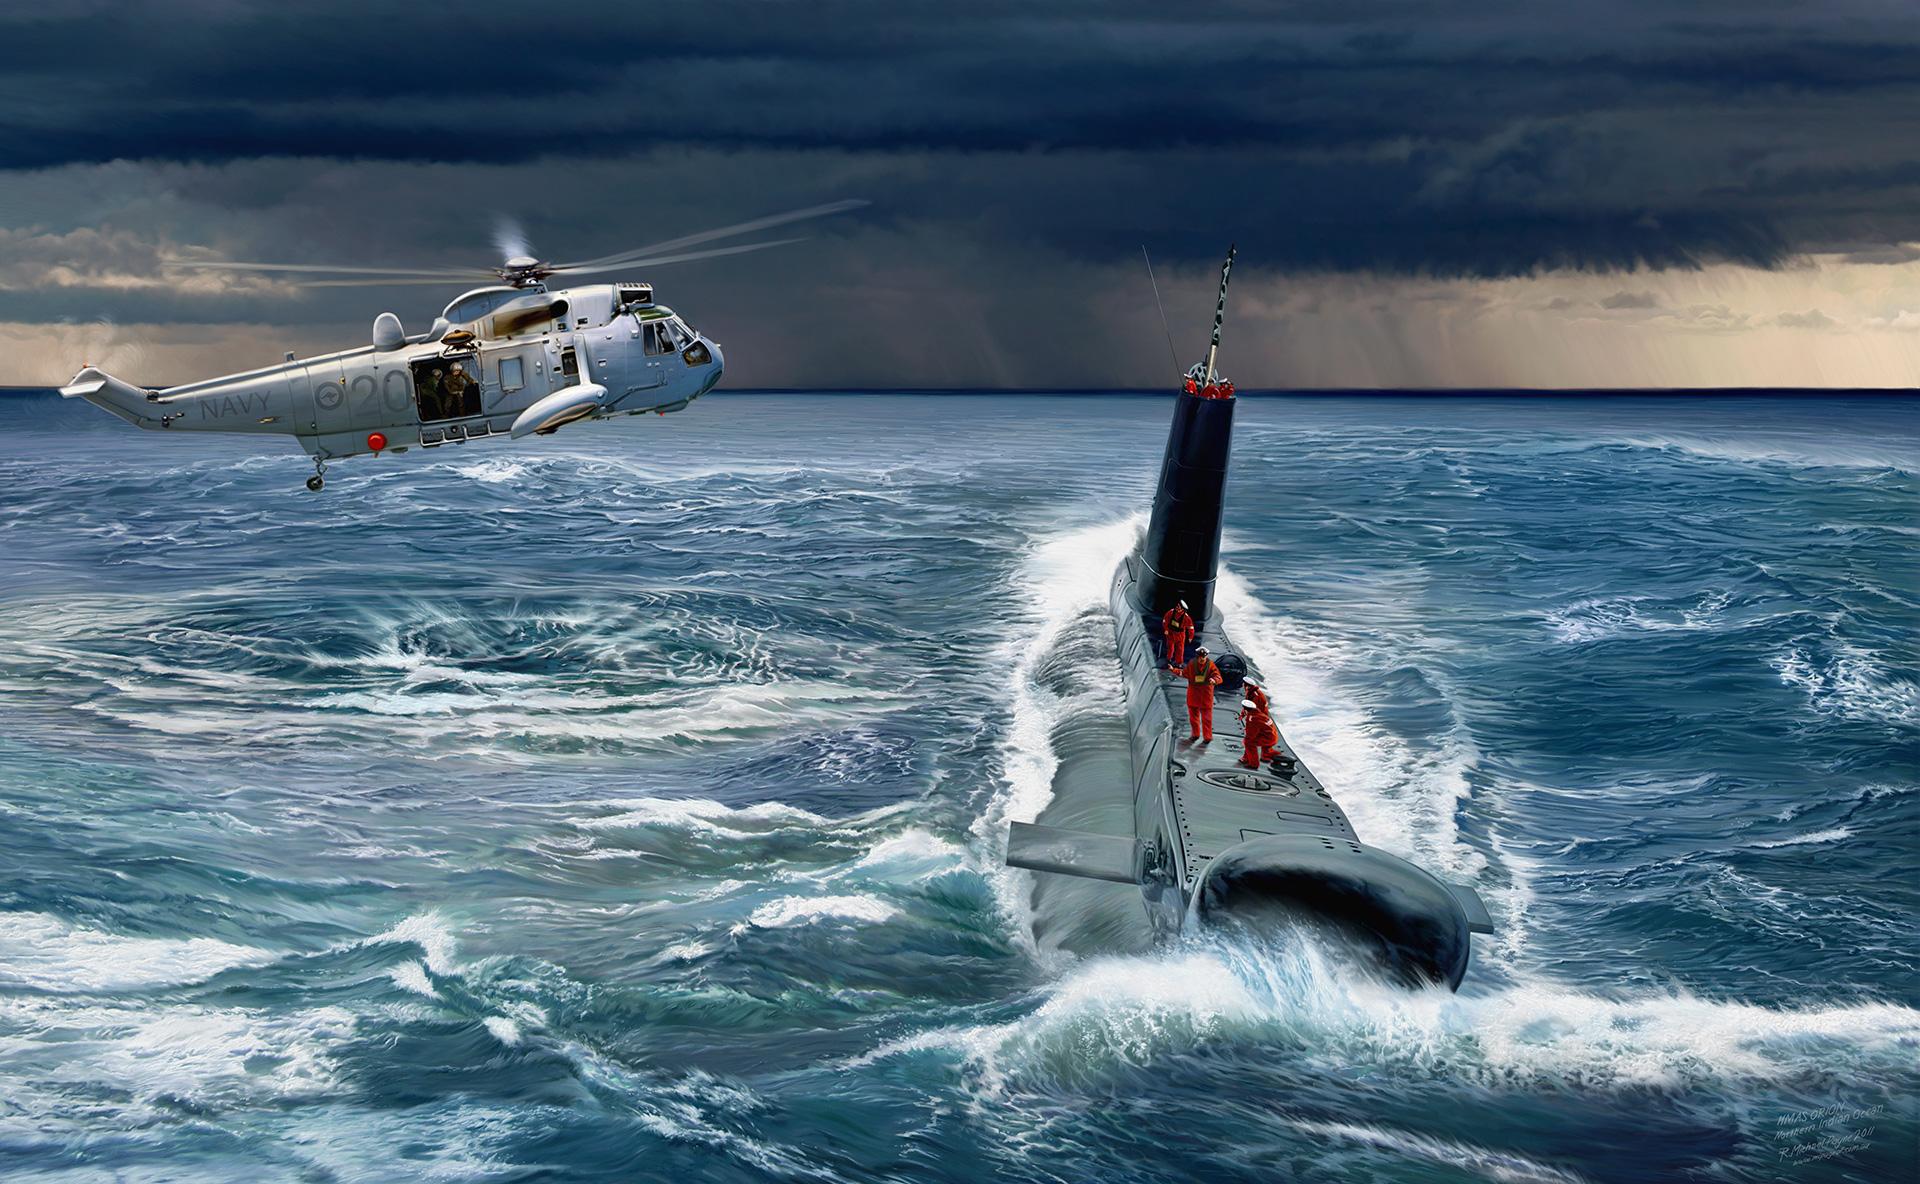 HMAS Orion S71